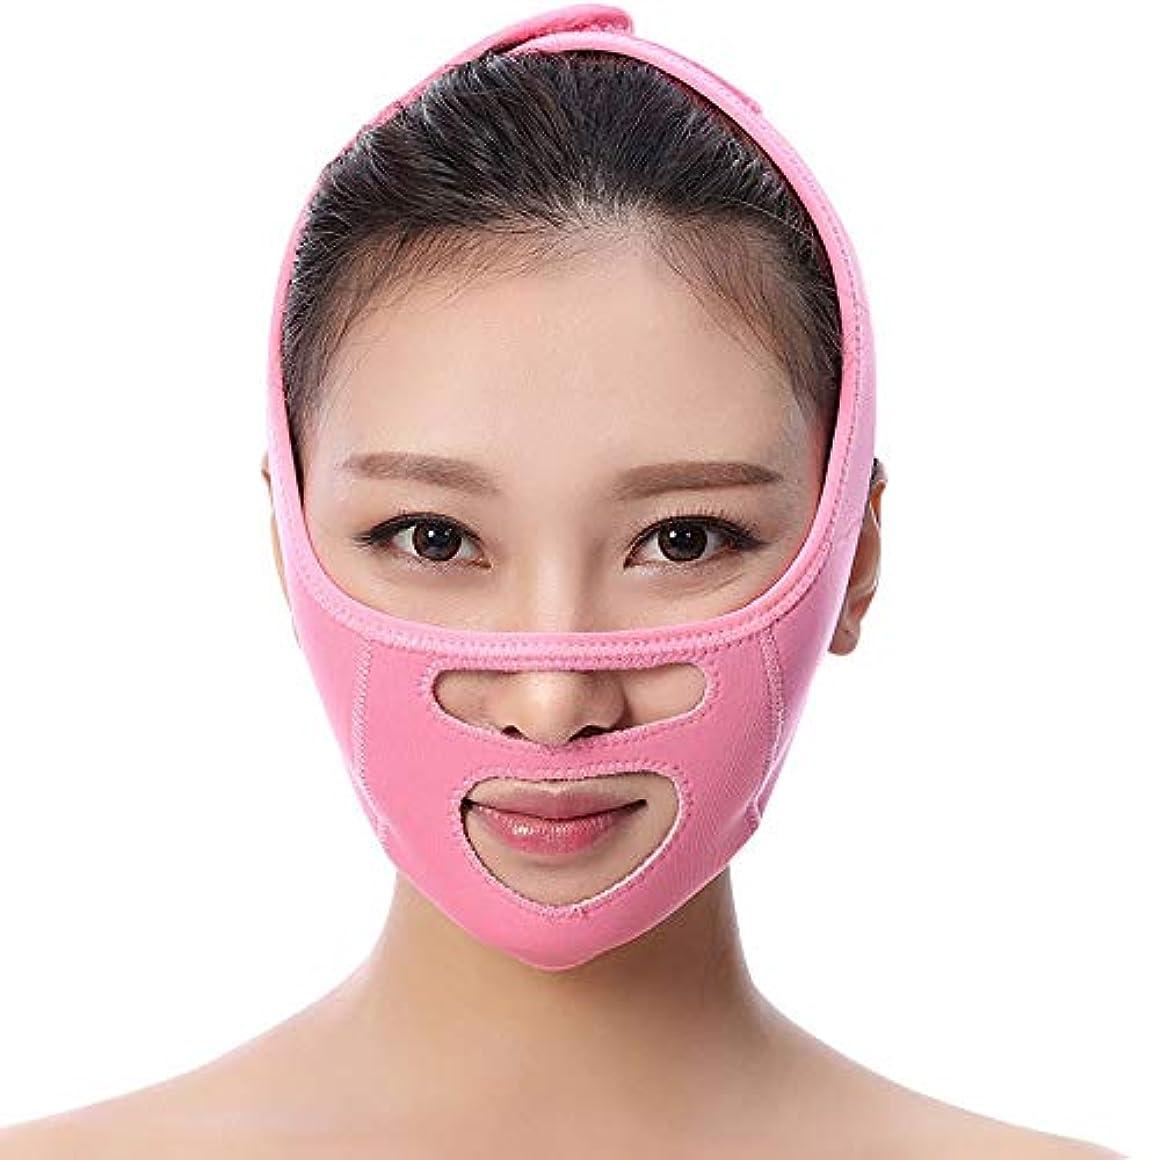 雨懐元のフェイスリフトマスク、薄型フェイスベルトを眠らせる/フェイスフェイスリフトアーチファクト(ブルー/ピンク)を令状にするために美容フェイスリフト包帯を強化,Pink